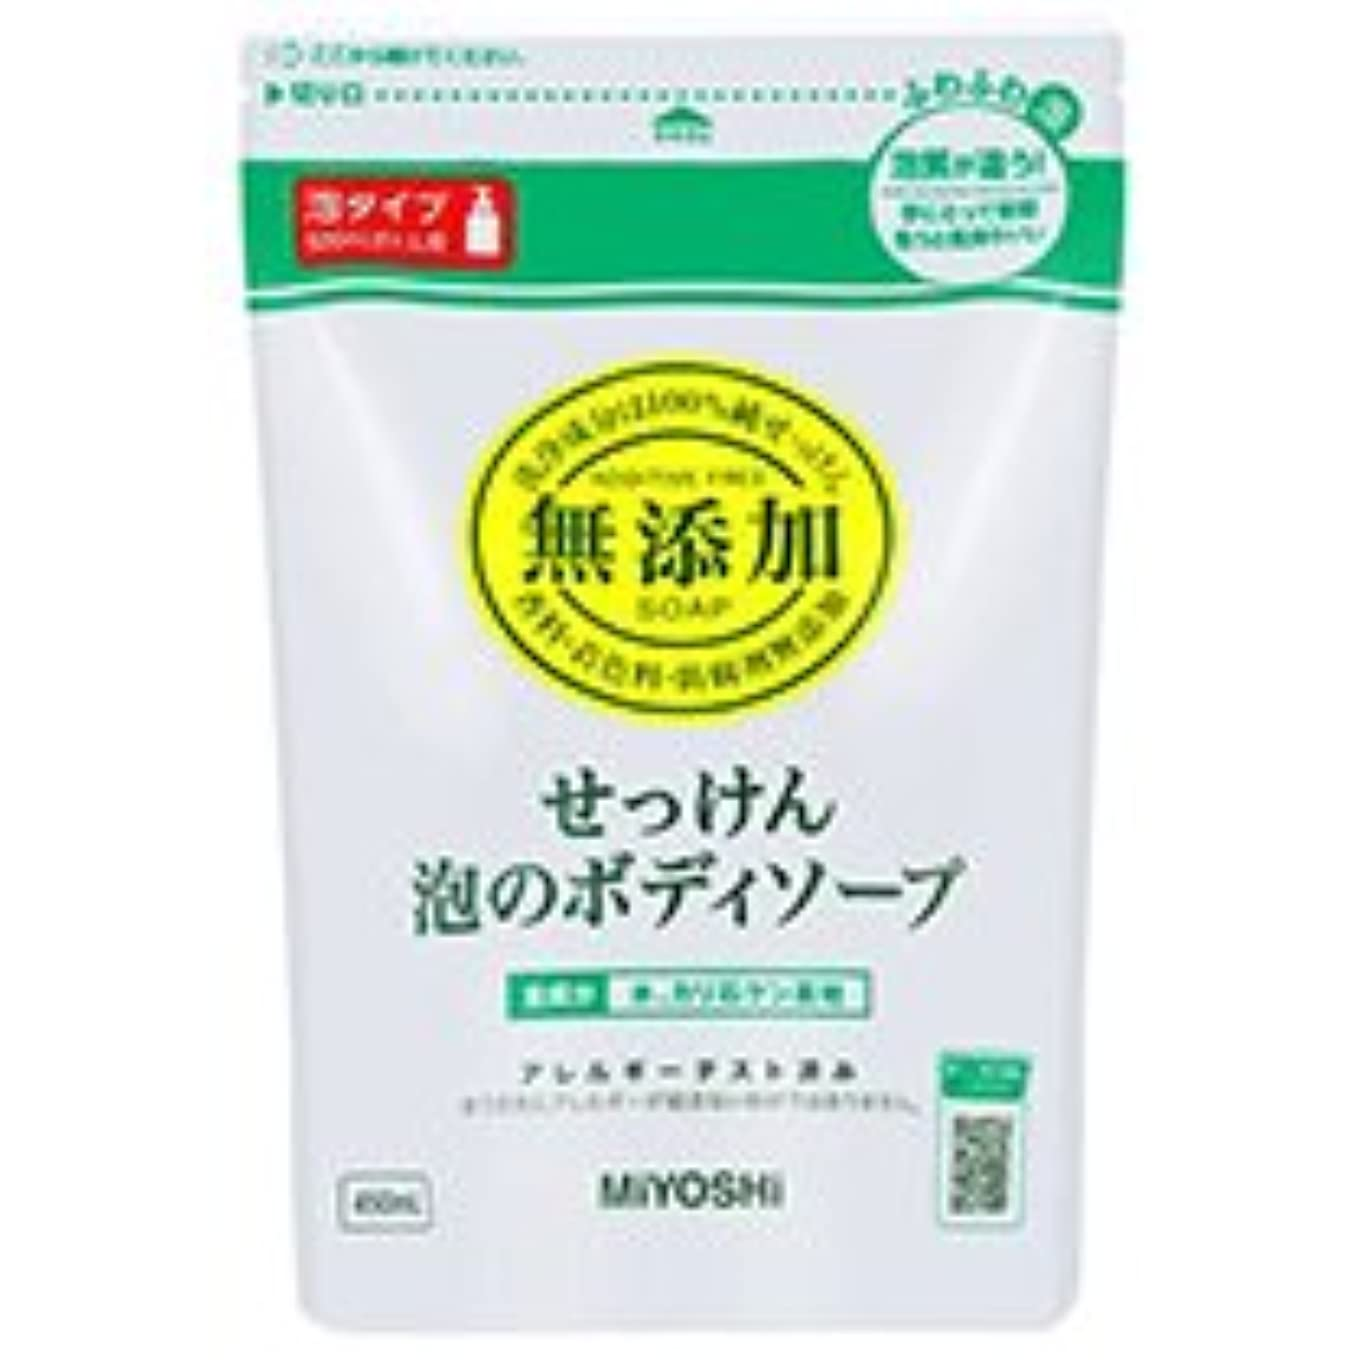 怠けた周囲カスケードミヨシ石鹸 無添加せっけん 泡のボディソープ 詰替用 450ml 1個